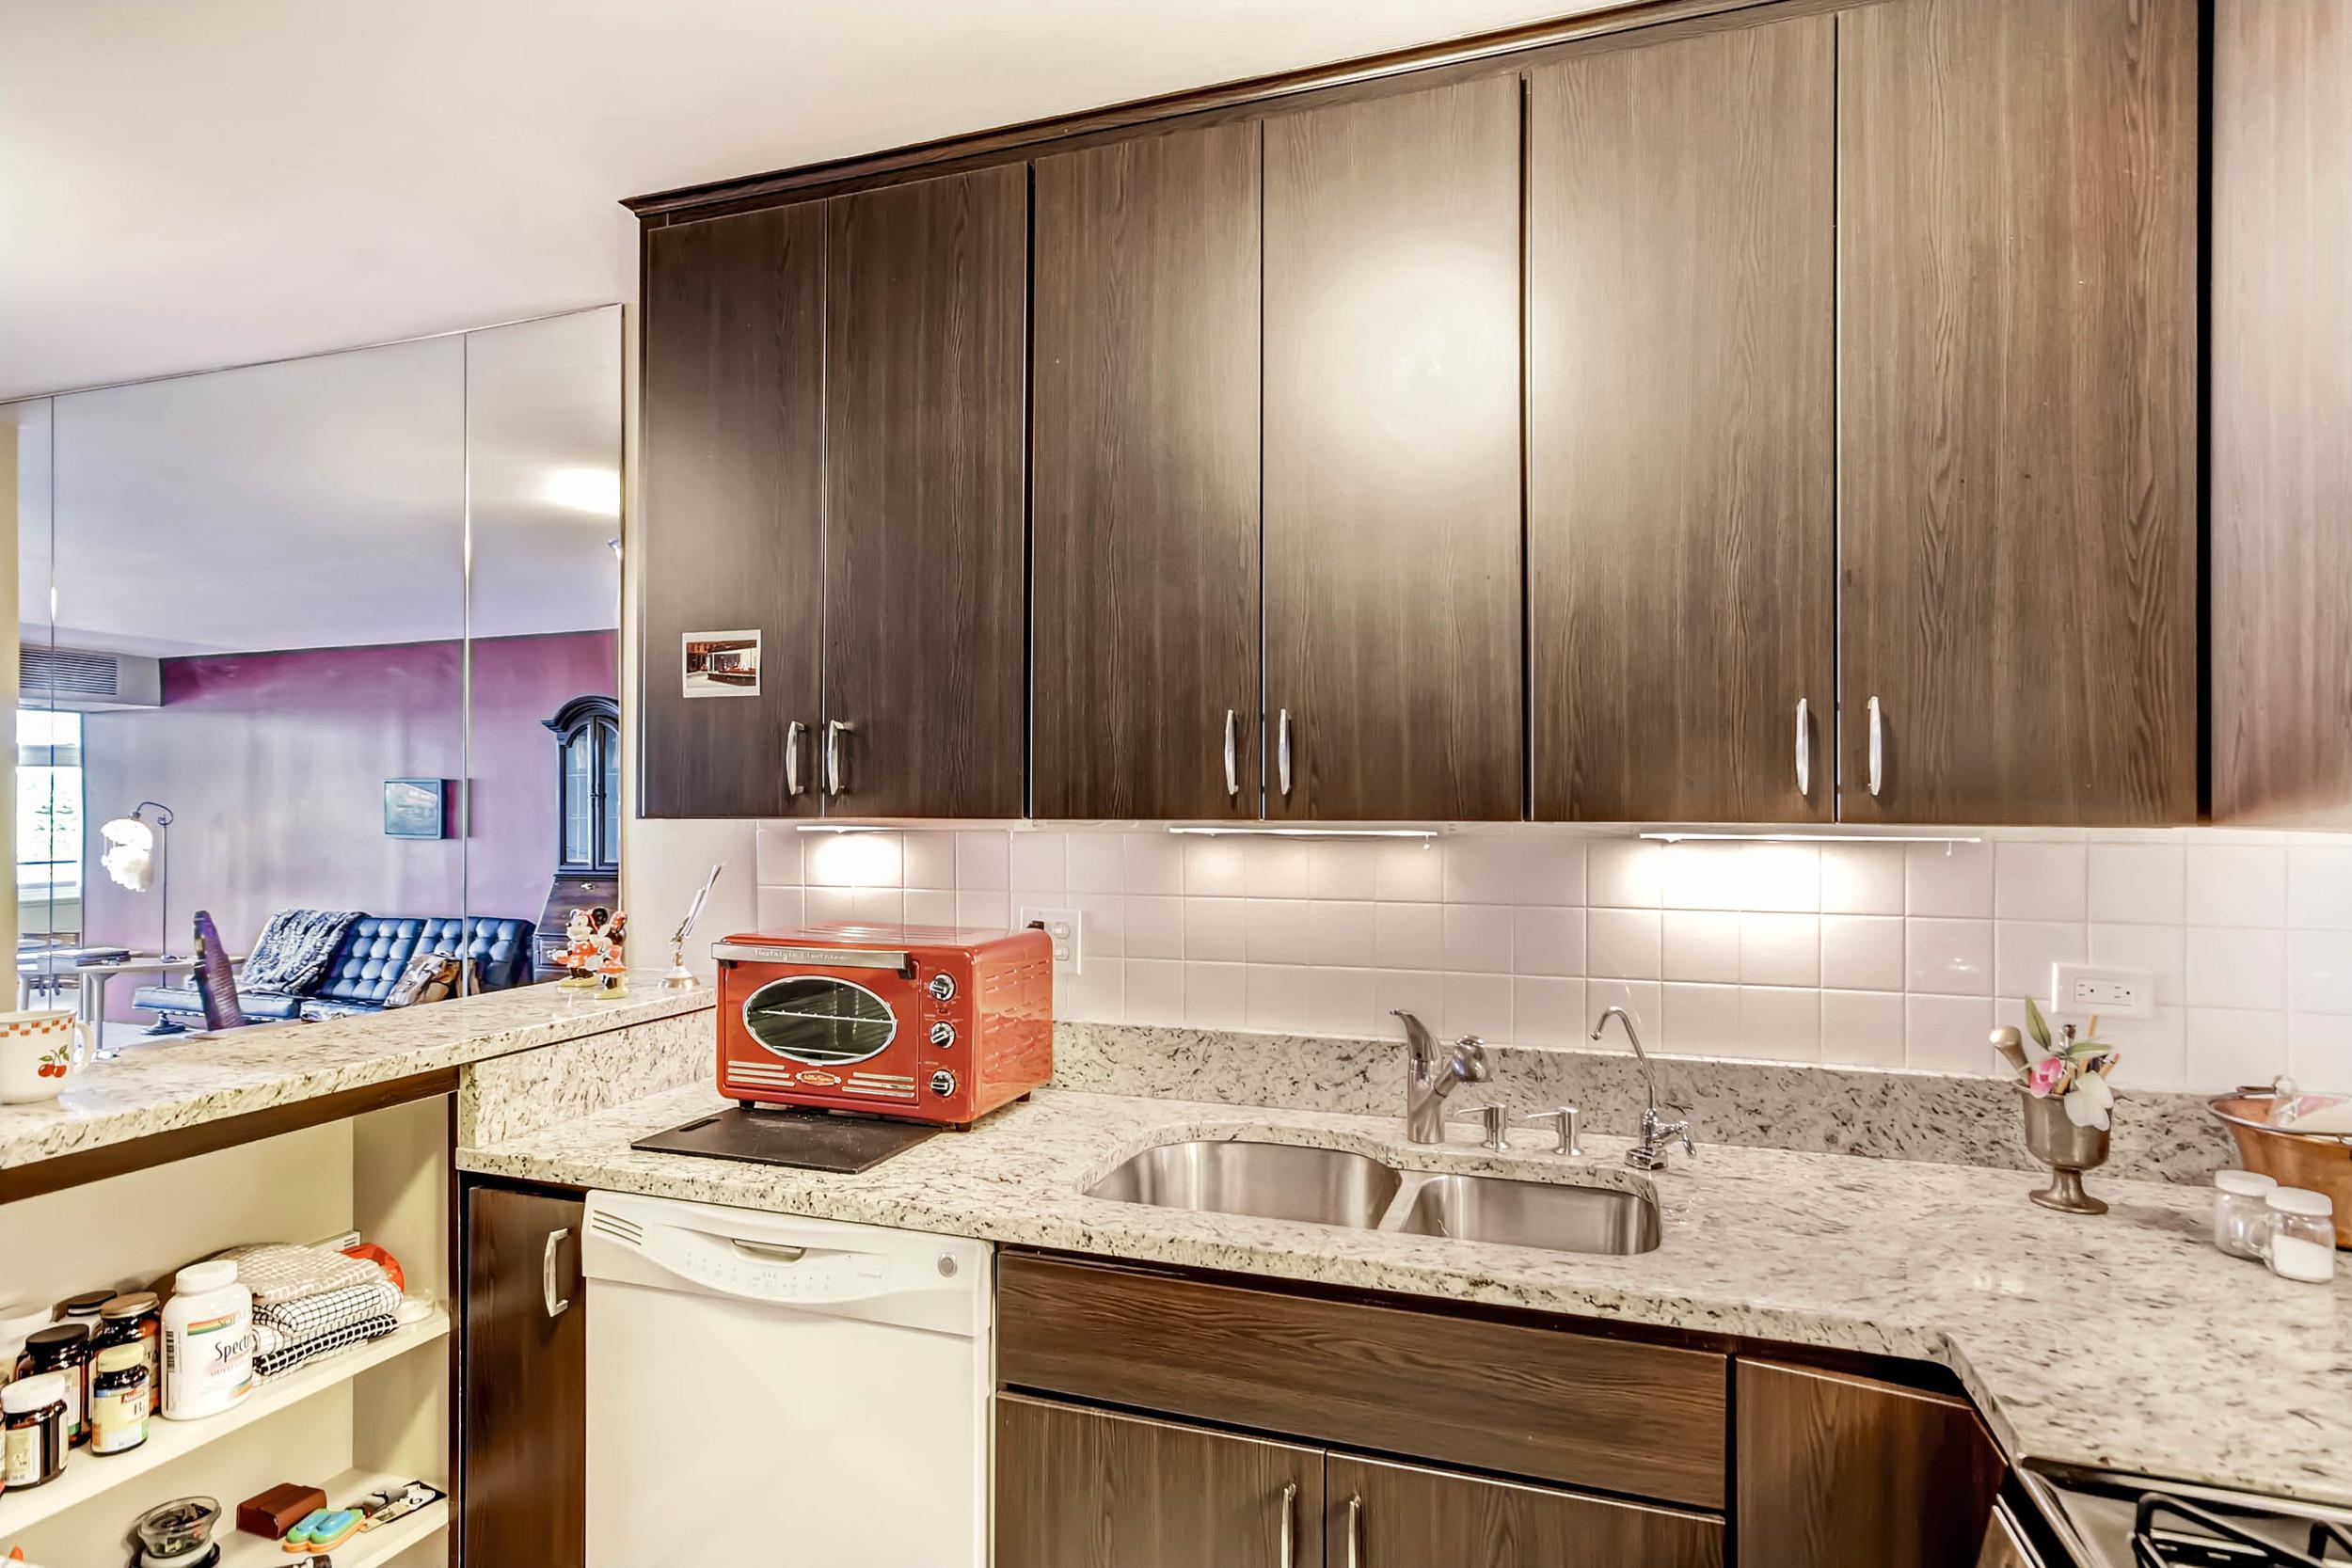 800 Washington St Unit 706-print-011-12-Kitchen-2700x1800-300dpi.jpg